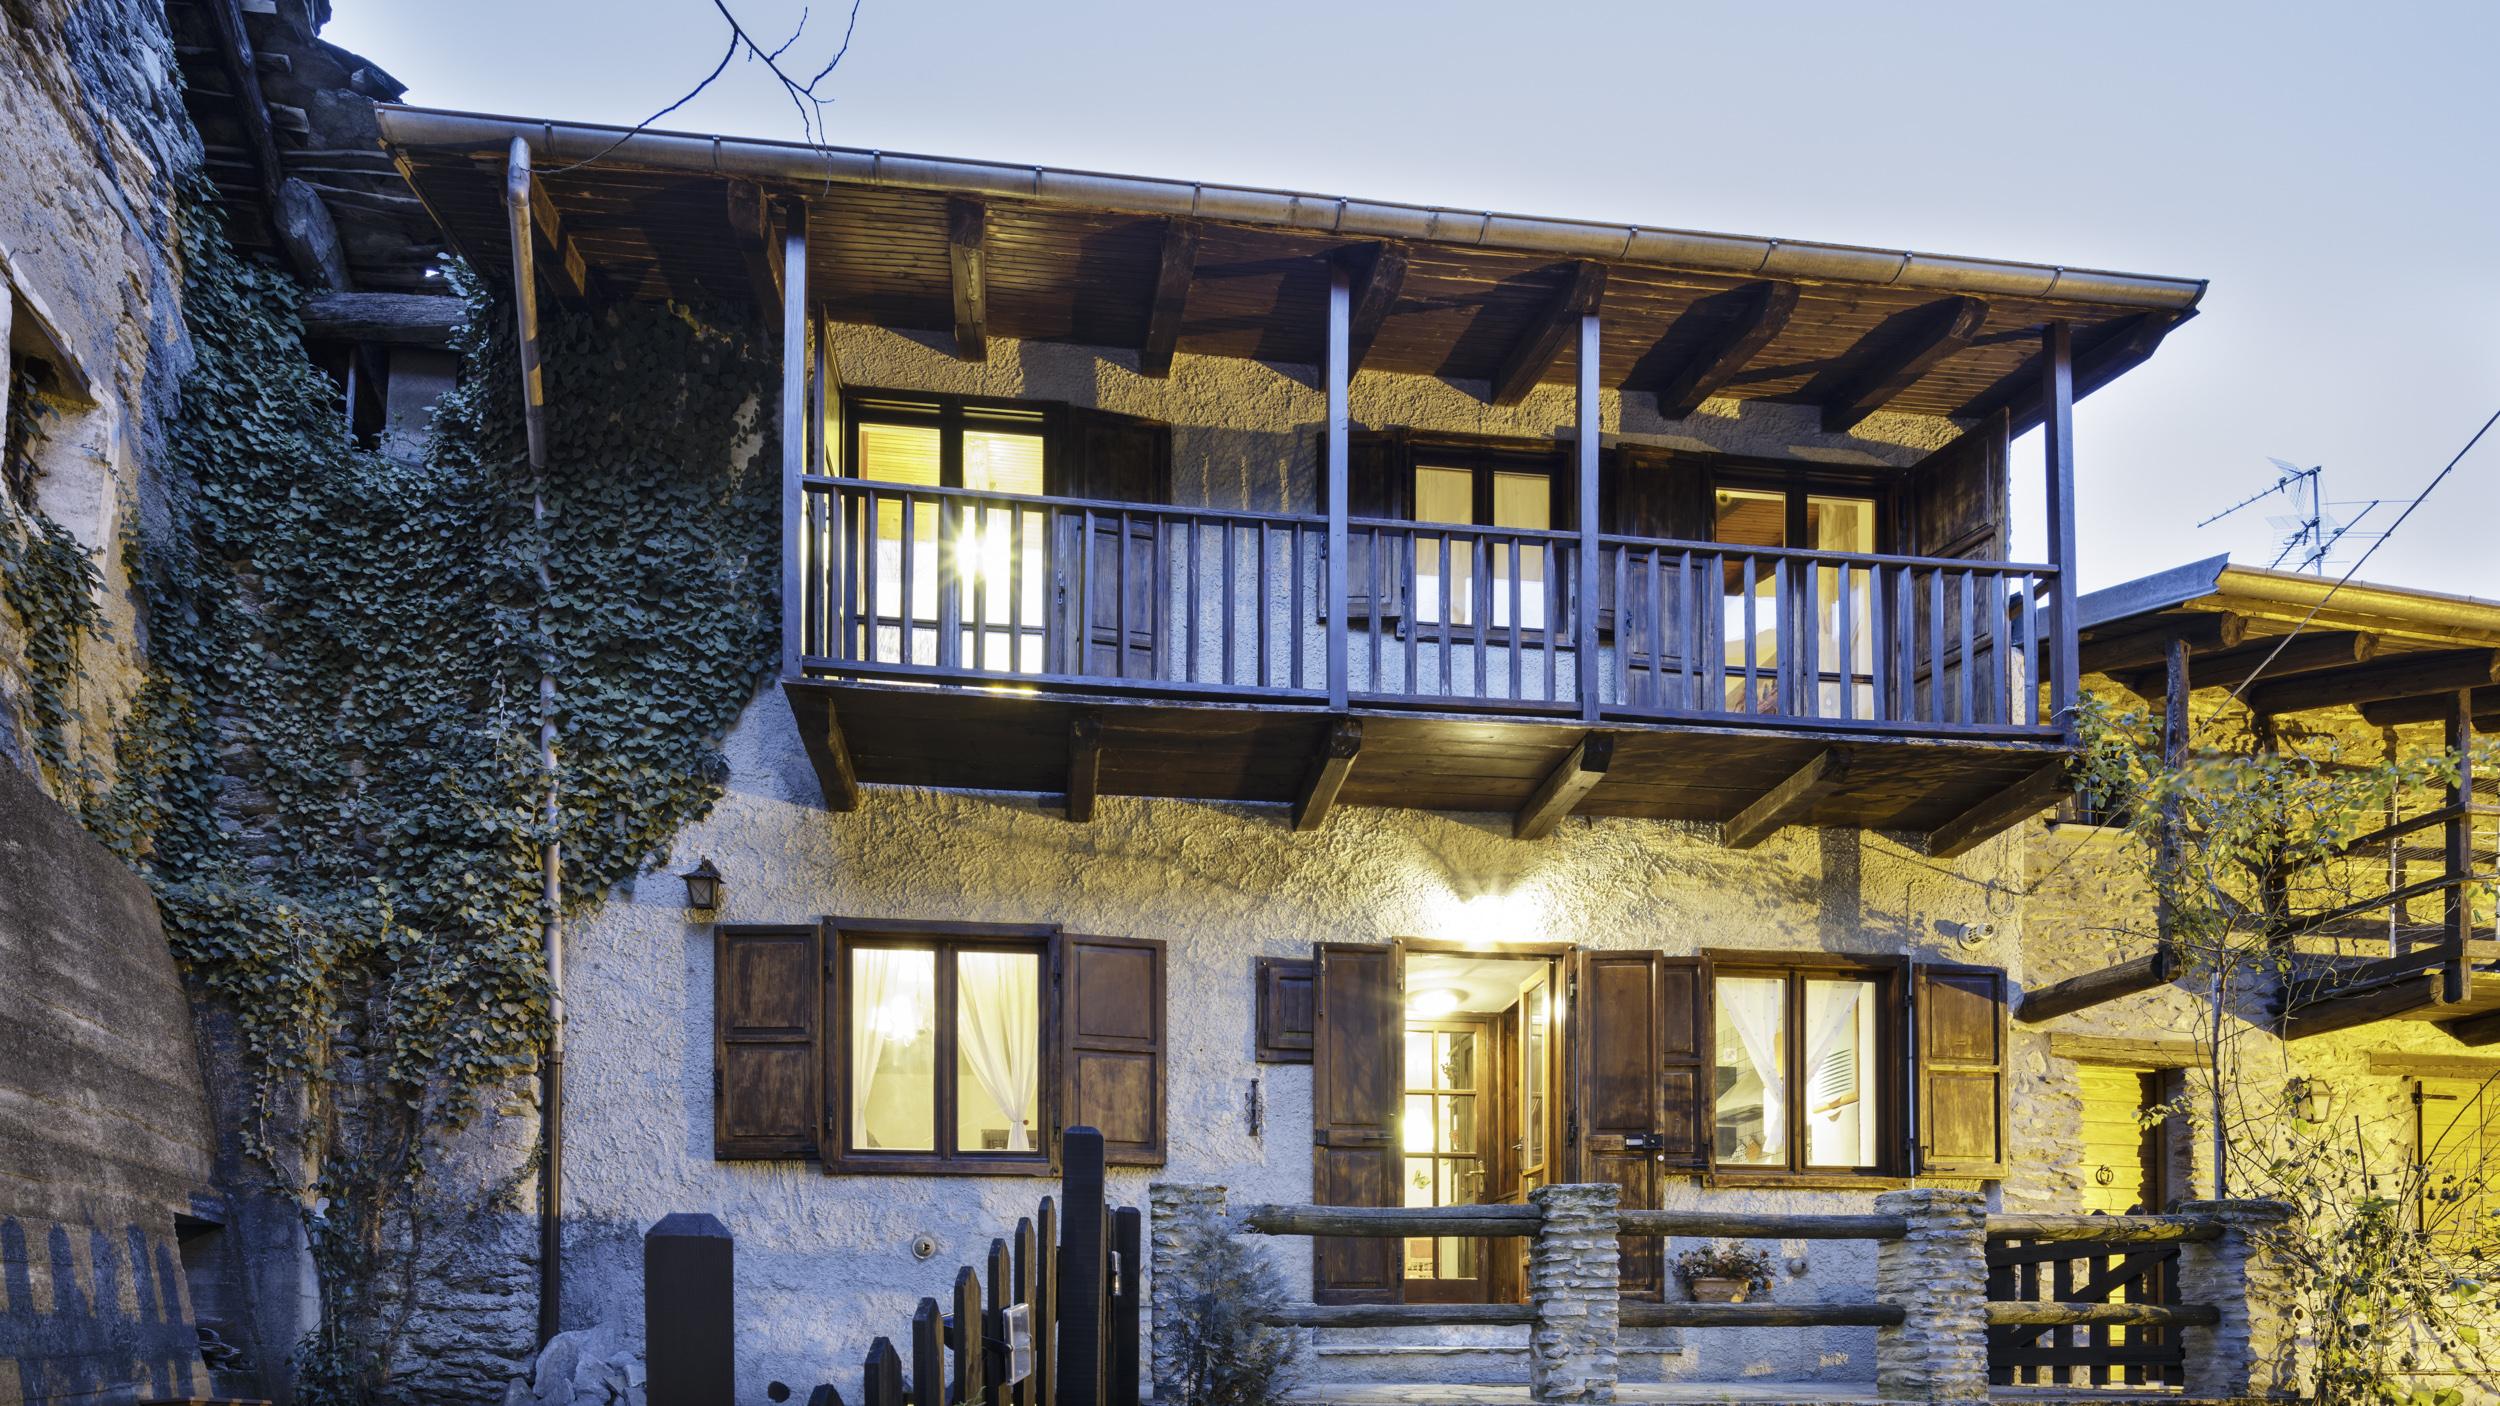 Case vacanze con vista sulle montagne idealista news - Casa con giardino torino ...